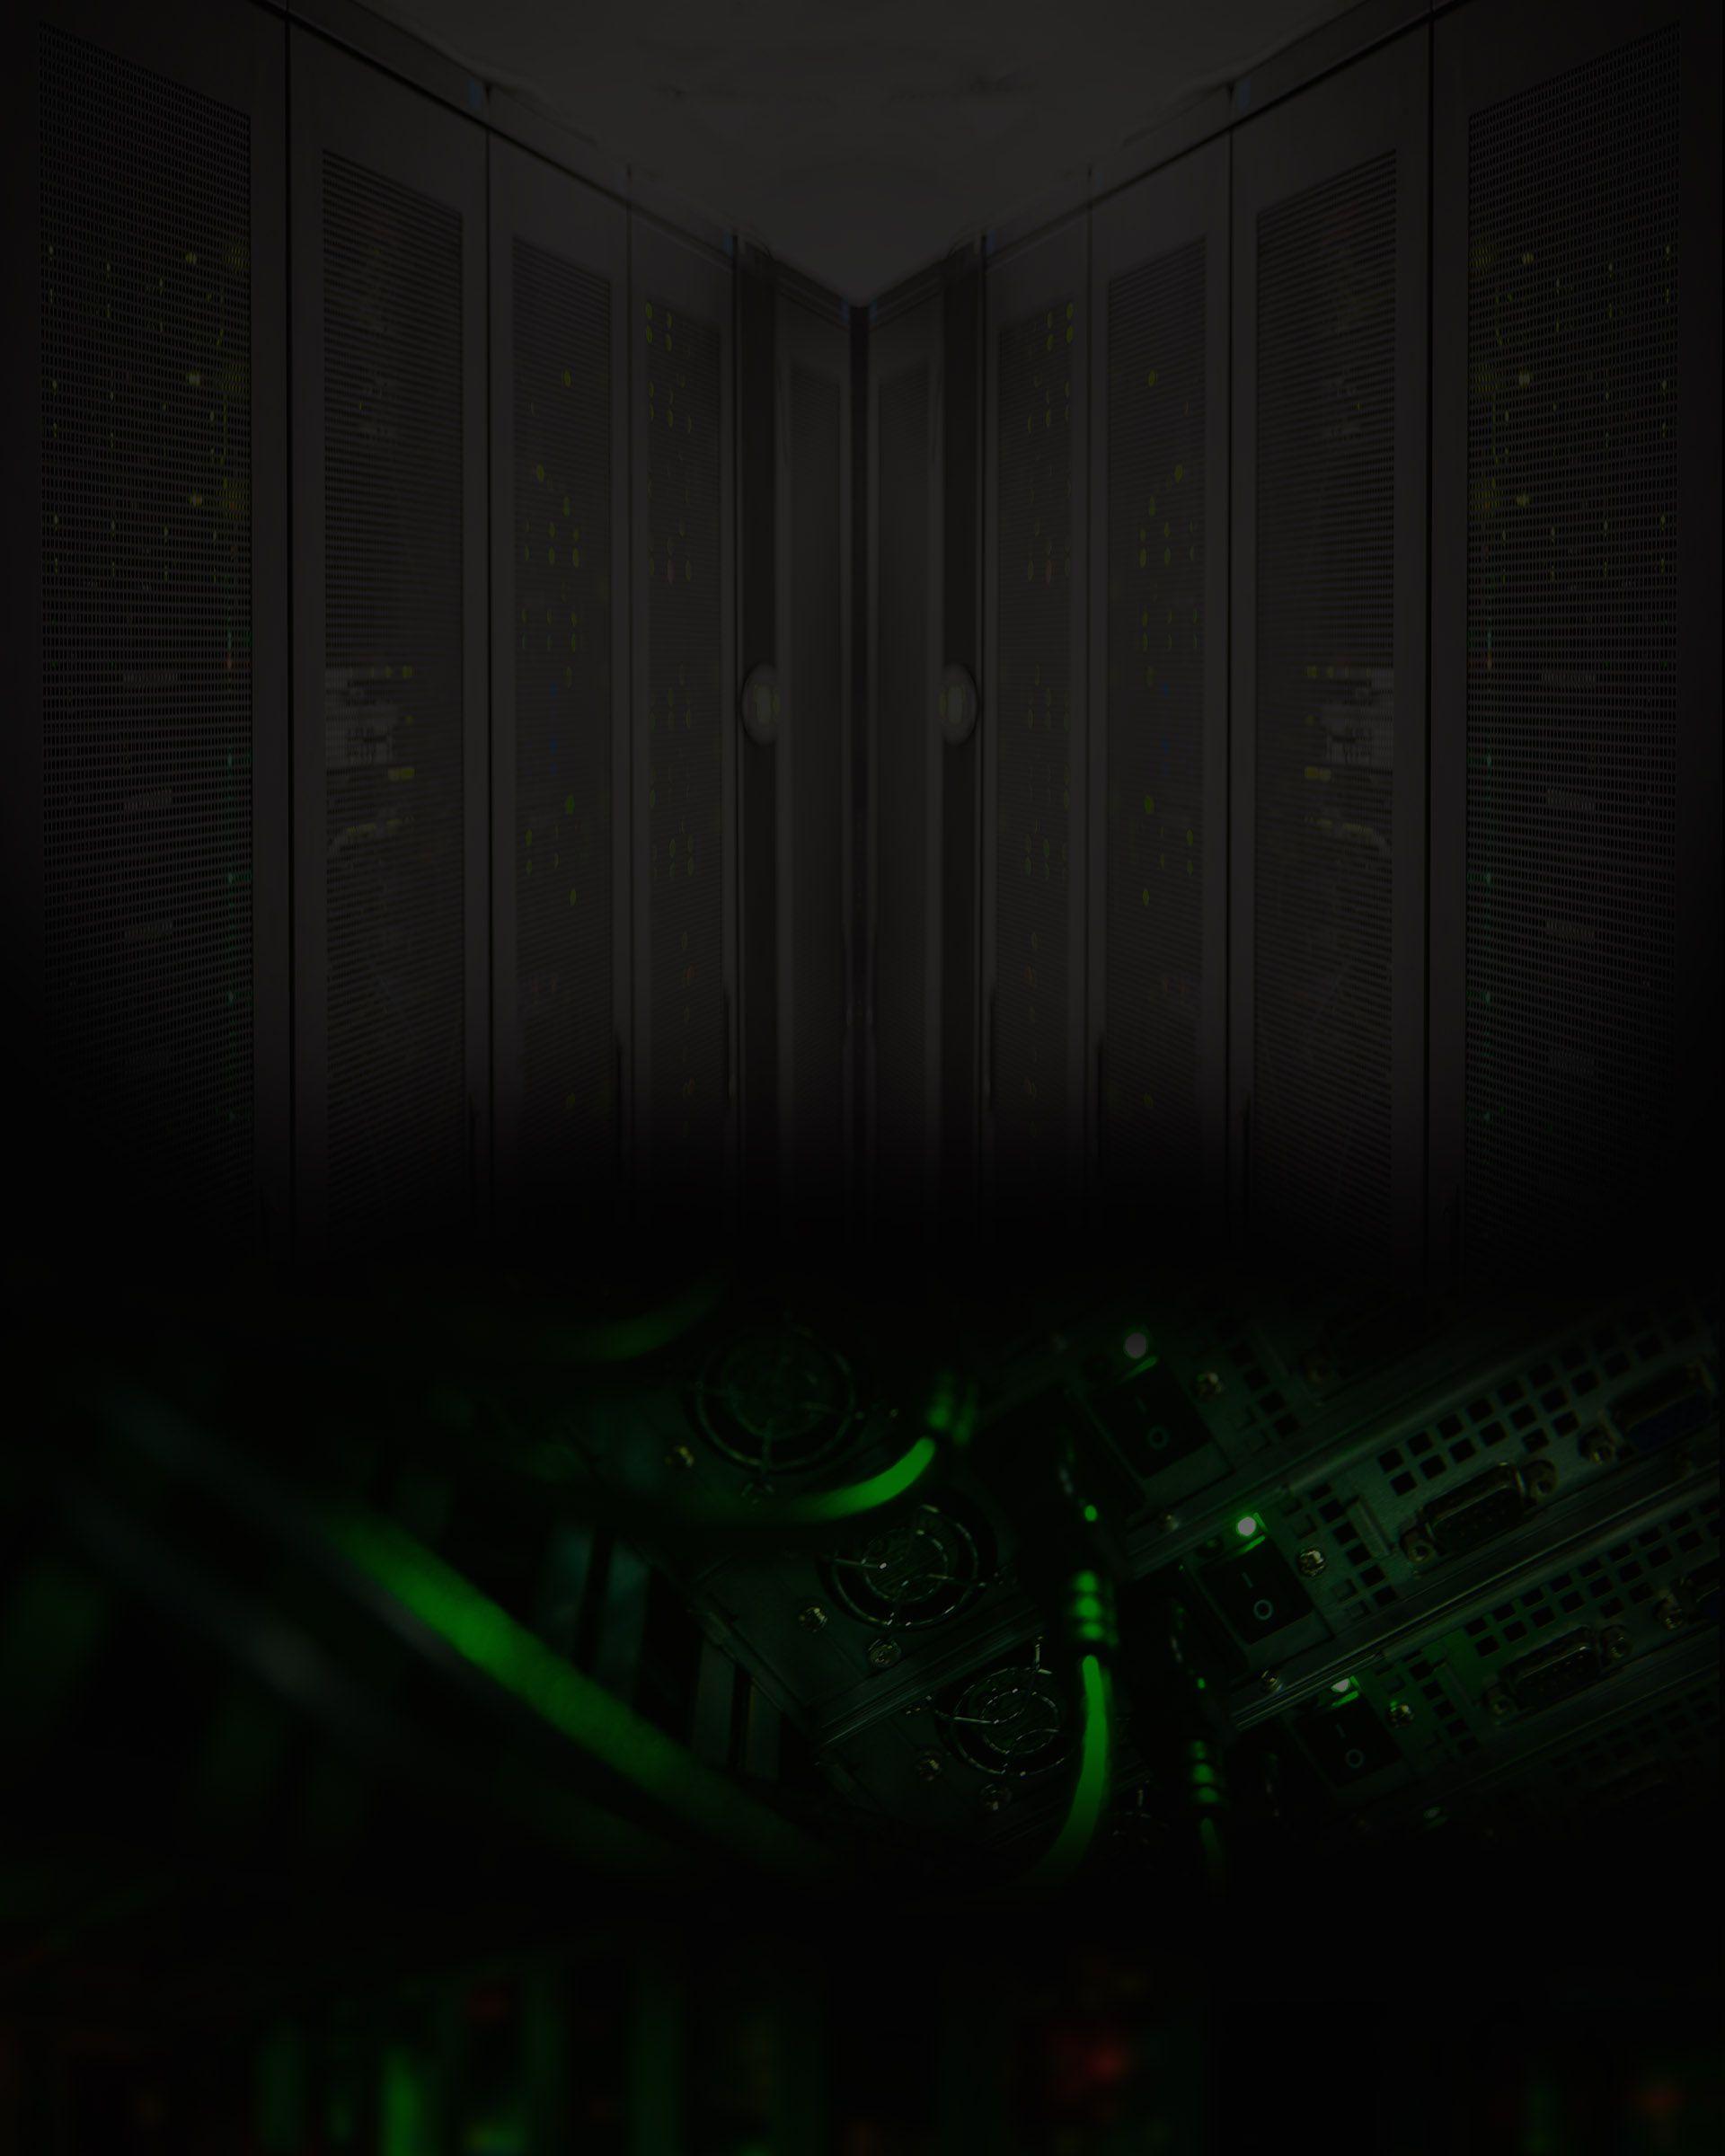 racks in schwarz und grüne server als kontrast